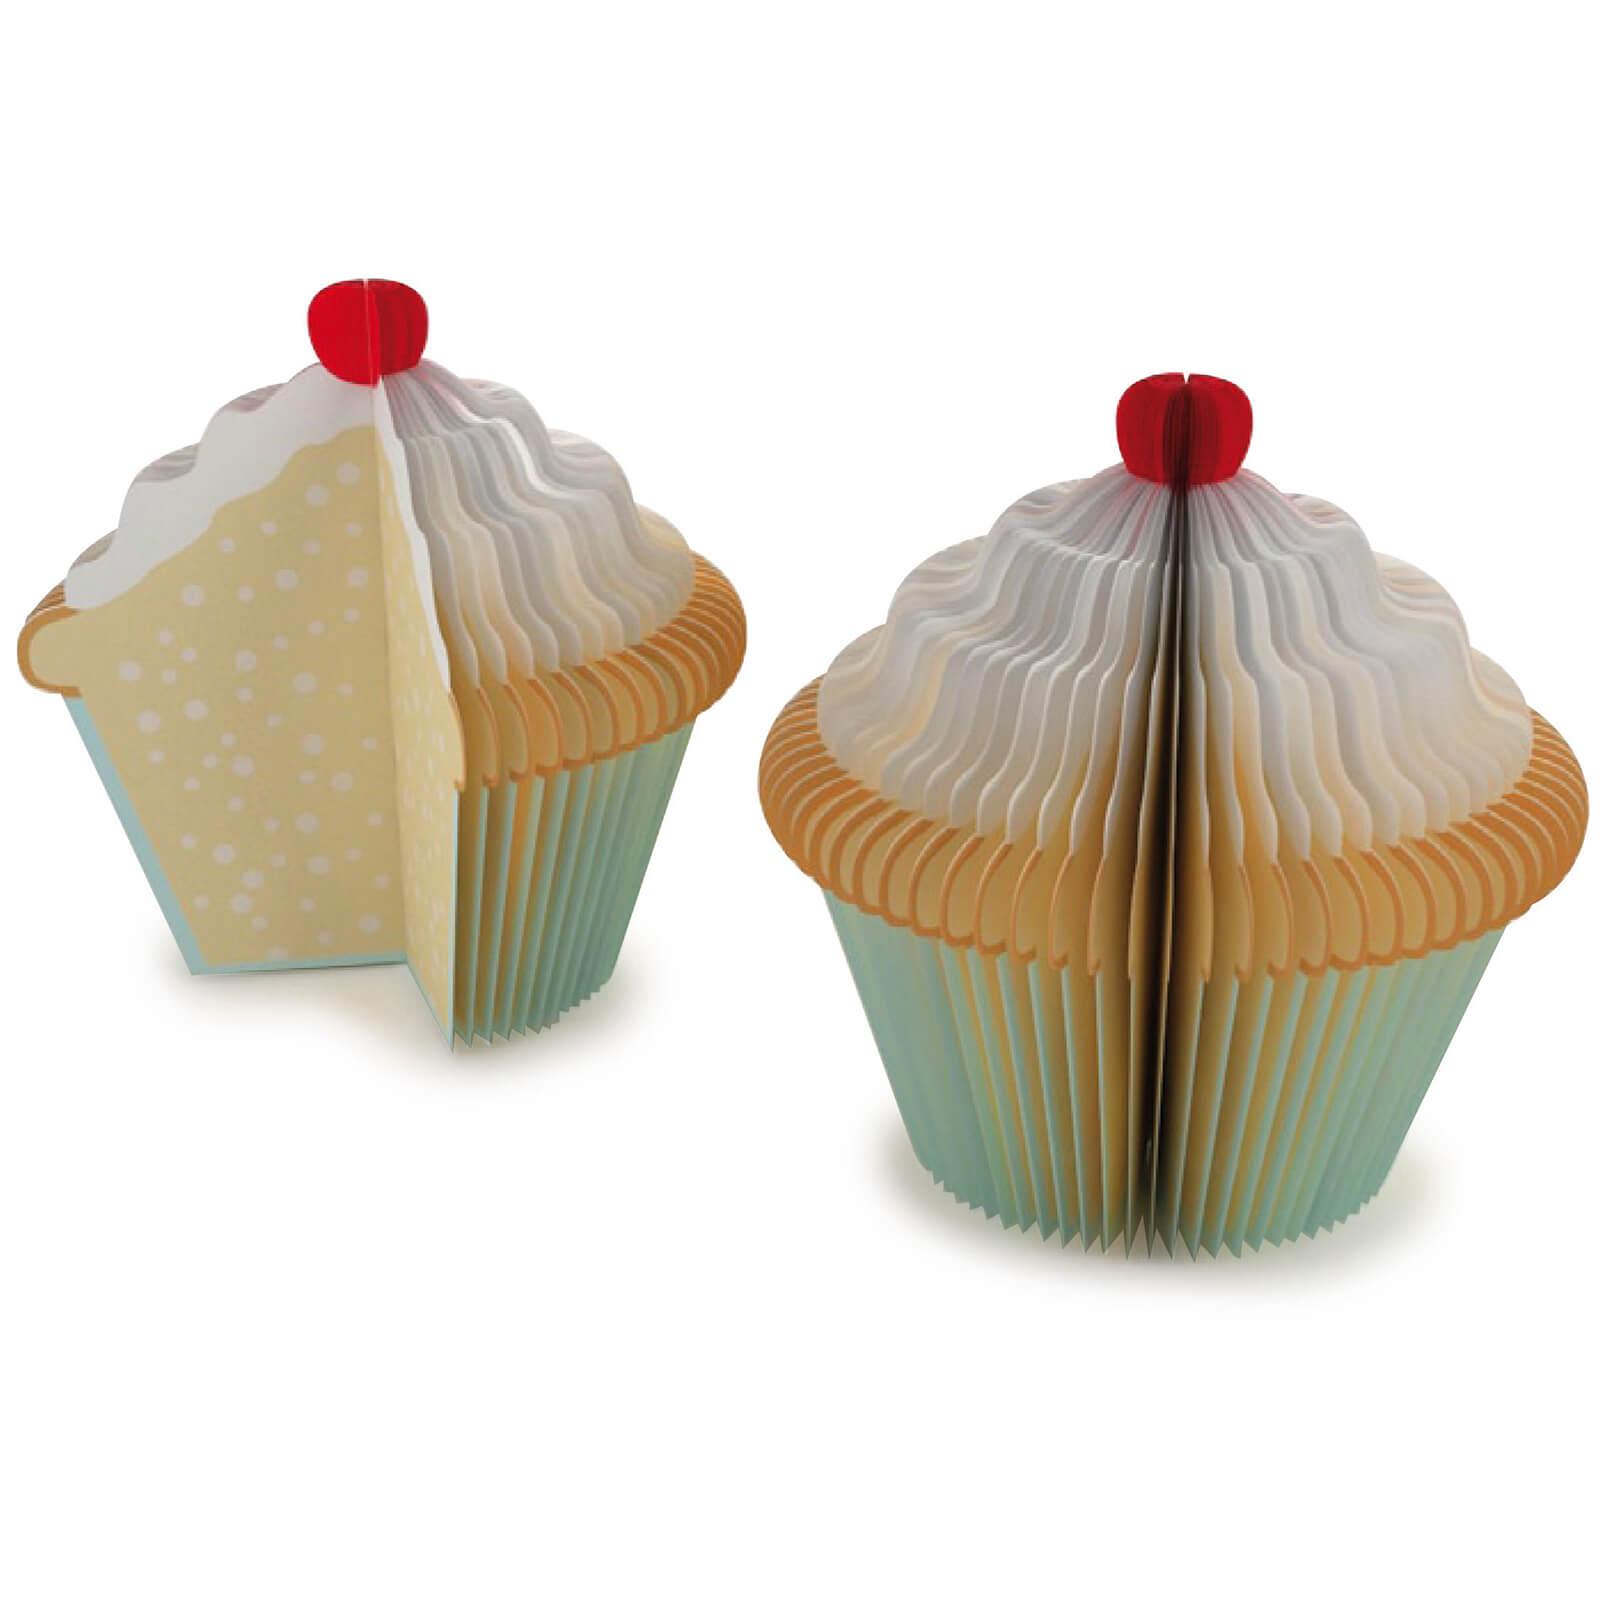 Image of Memo Pad Cupcake